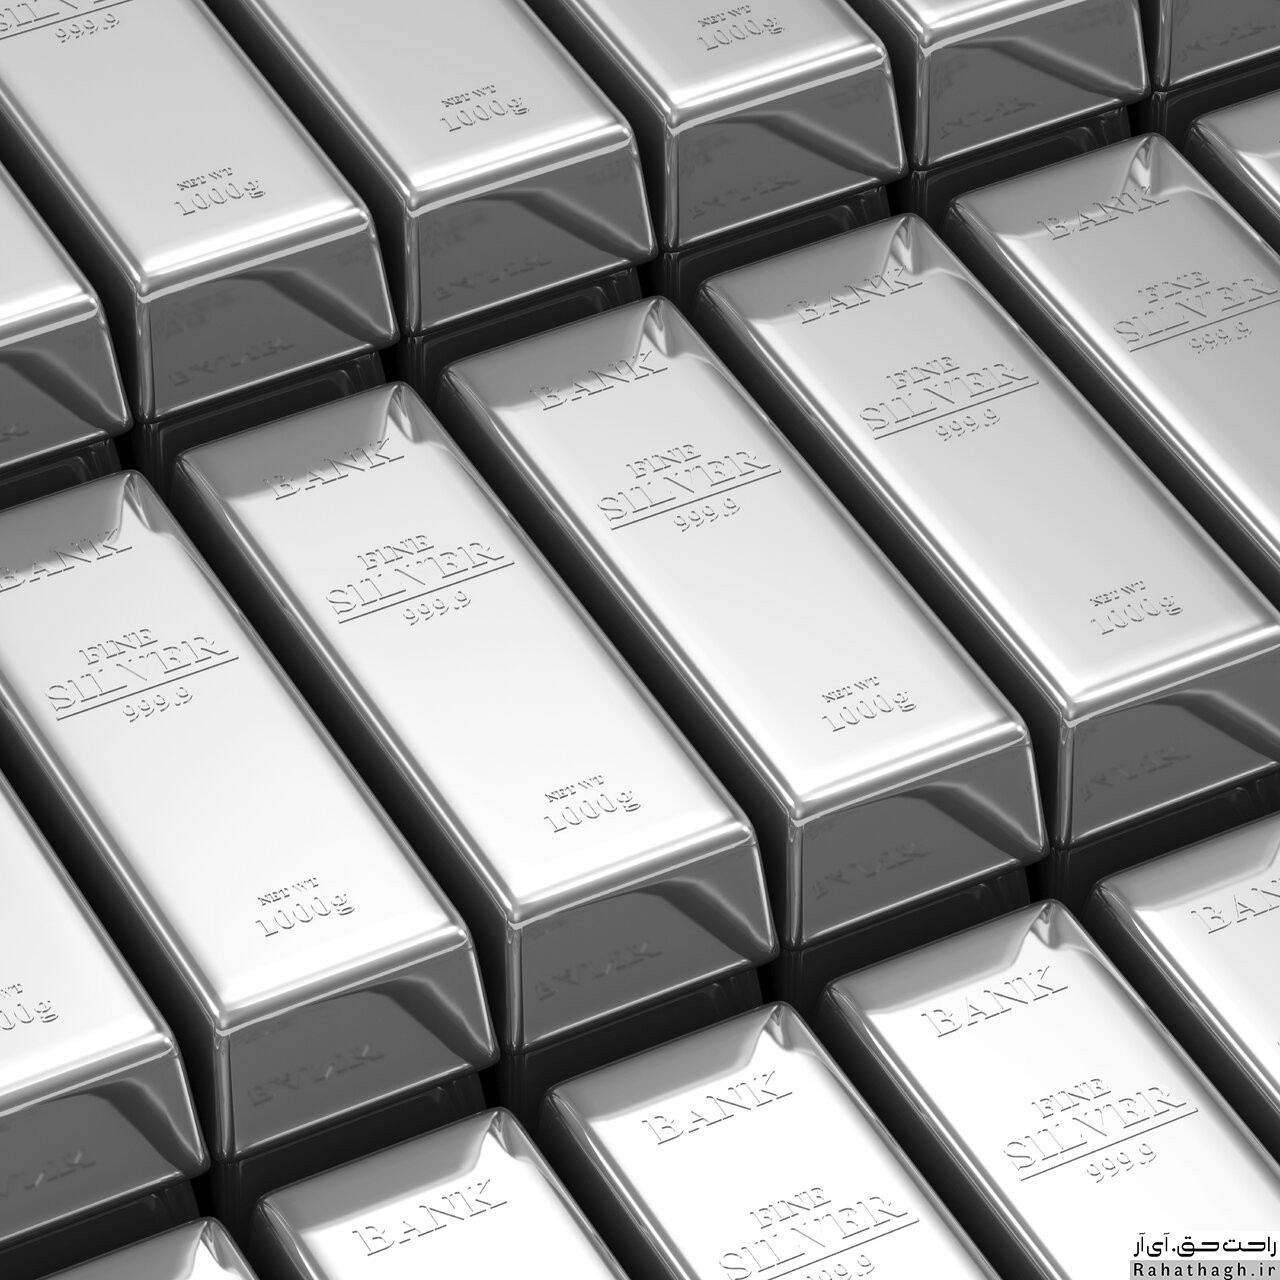 https://bayanbox.ir/view/3561361682016821299/stack-of-silver-%D8%B1%D8%A7%D8%AD%D8%AA-%D8%AD%D9%82.jpg